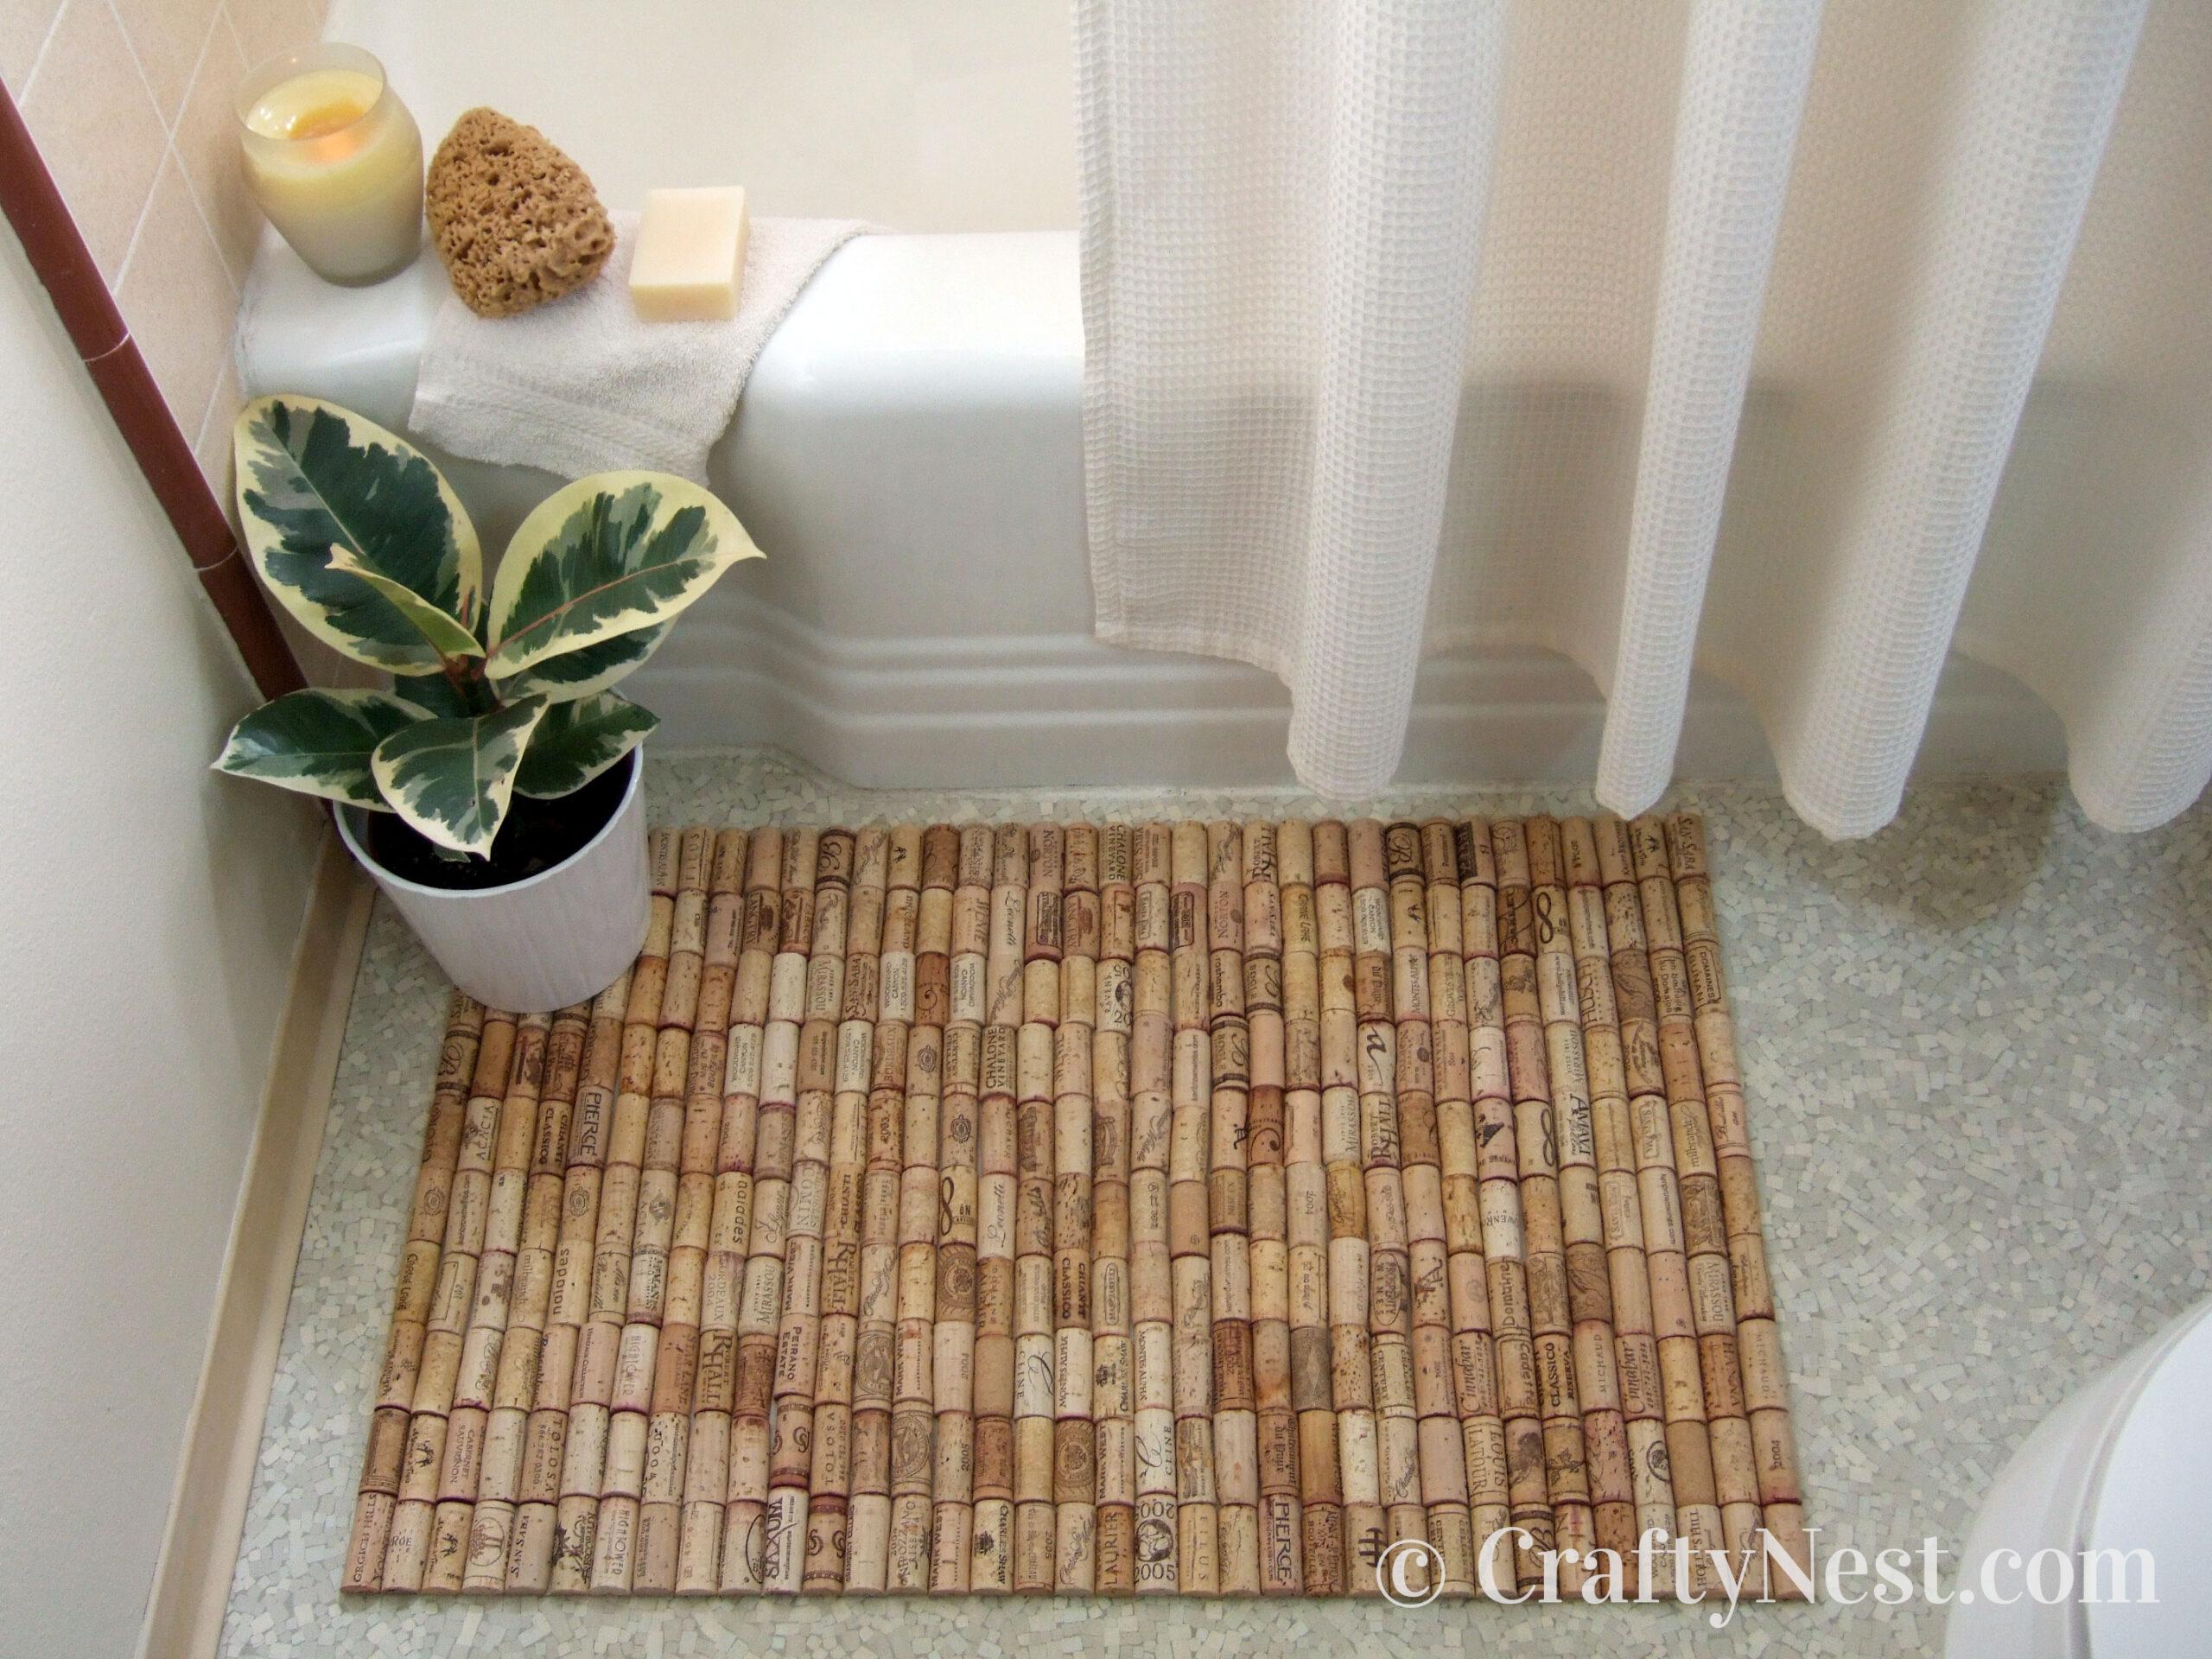 Evlerinizin Havasını Değiştirecek Küçük Dekorasyon Önerileri...